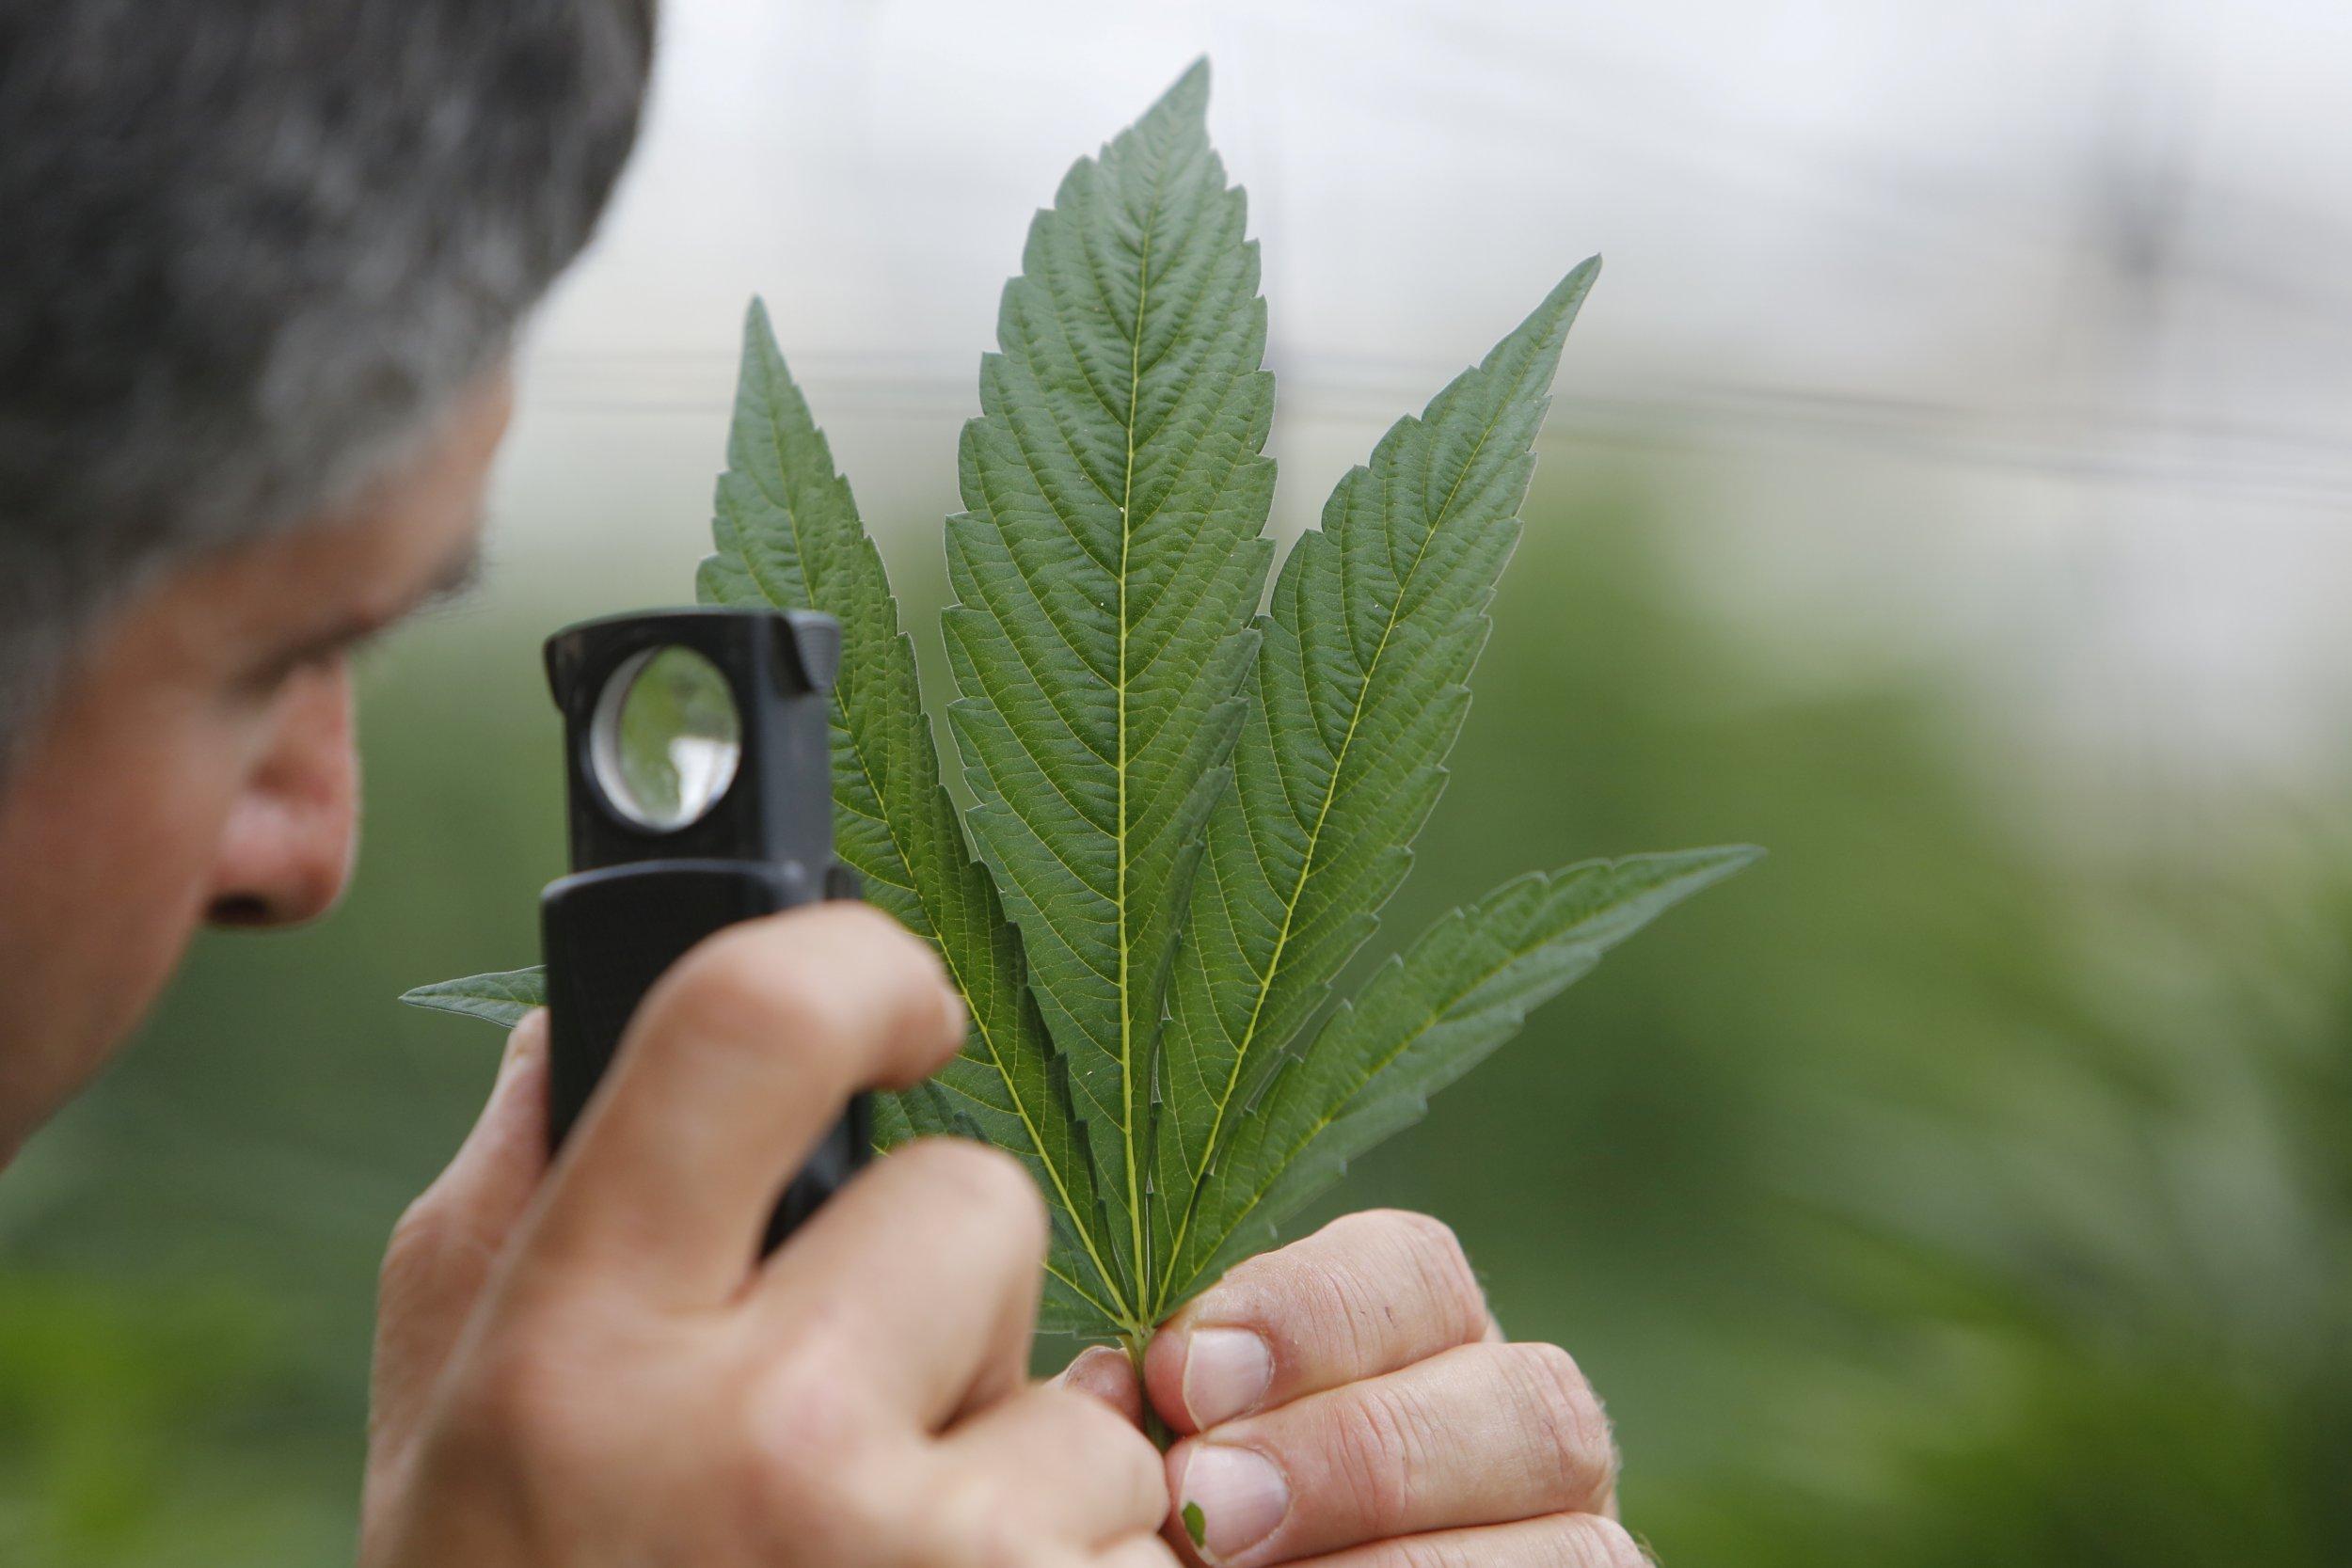 10_24_LegalizedMarijuanaRecreational